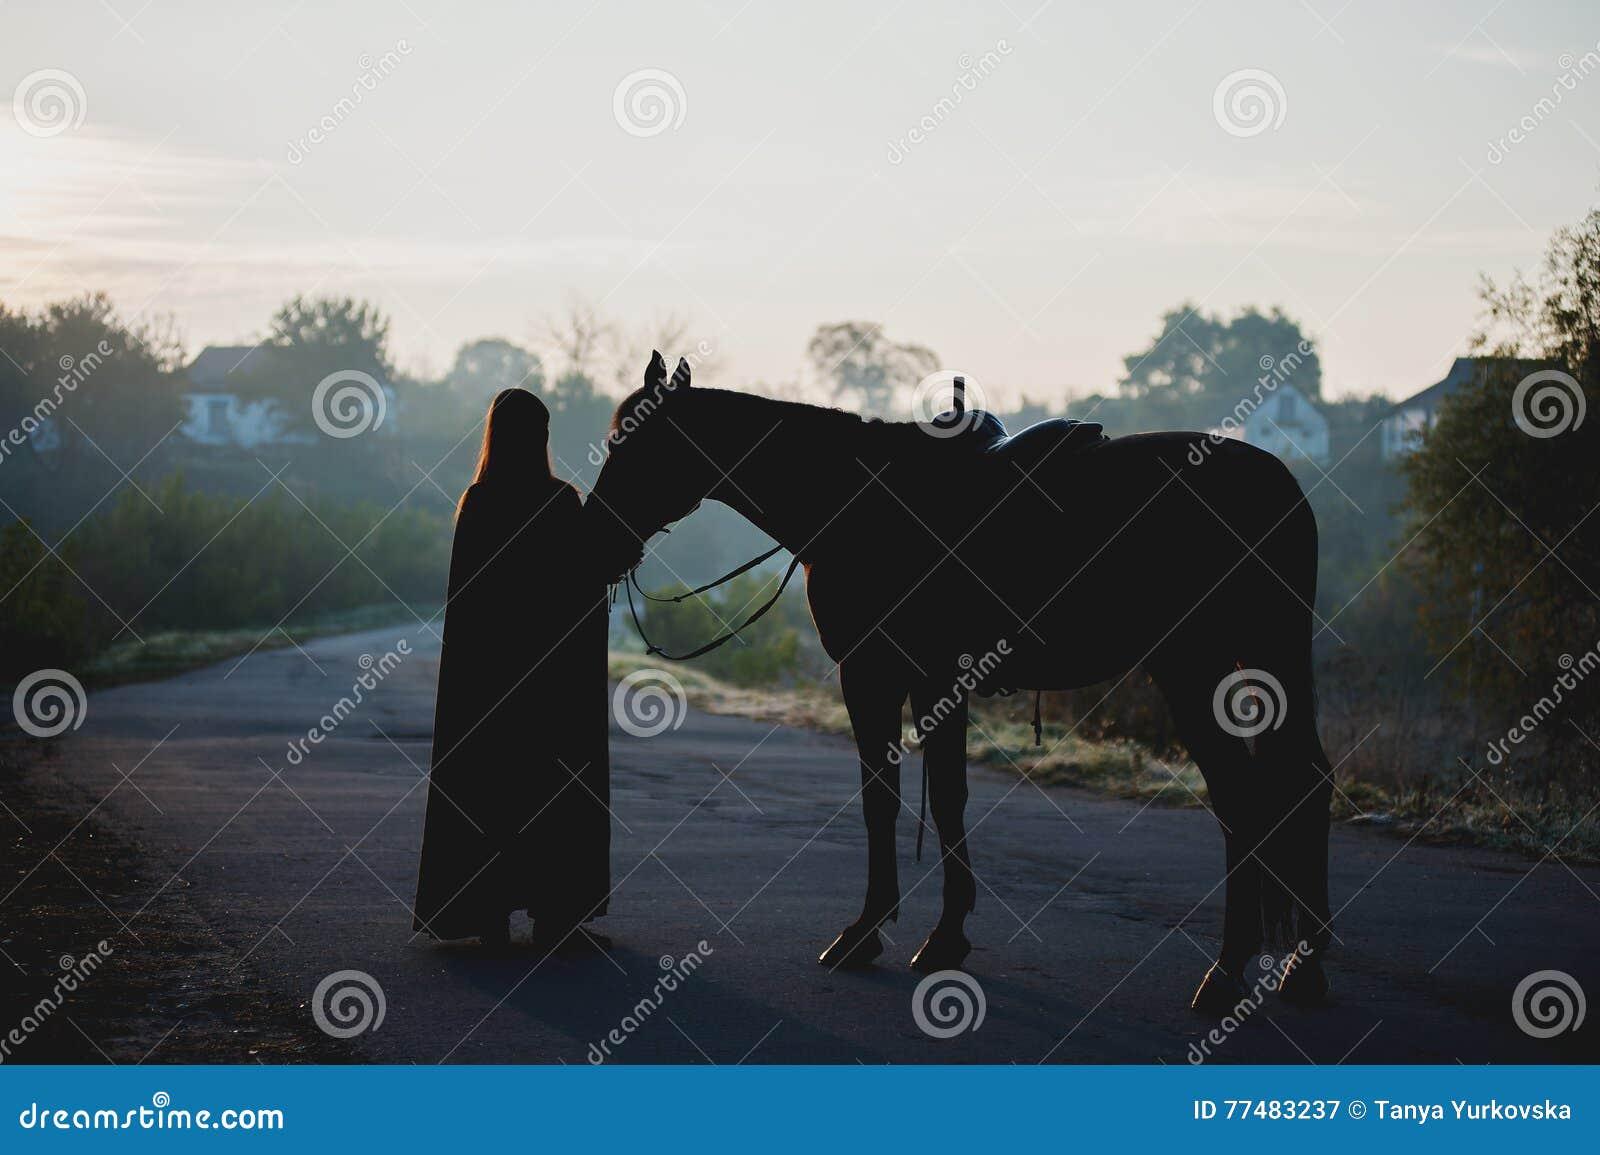 b53a00435bb Silhouet van een meisje in een regenjas die een paard op donkere  achtergrond met blauwe mist